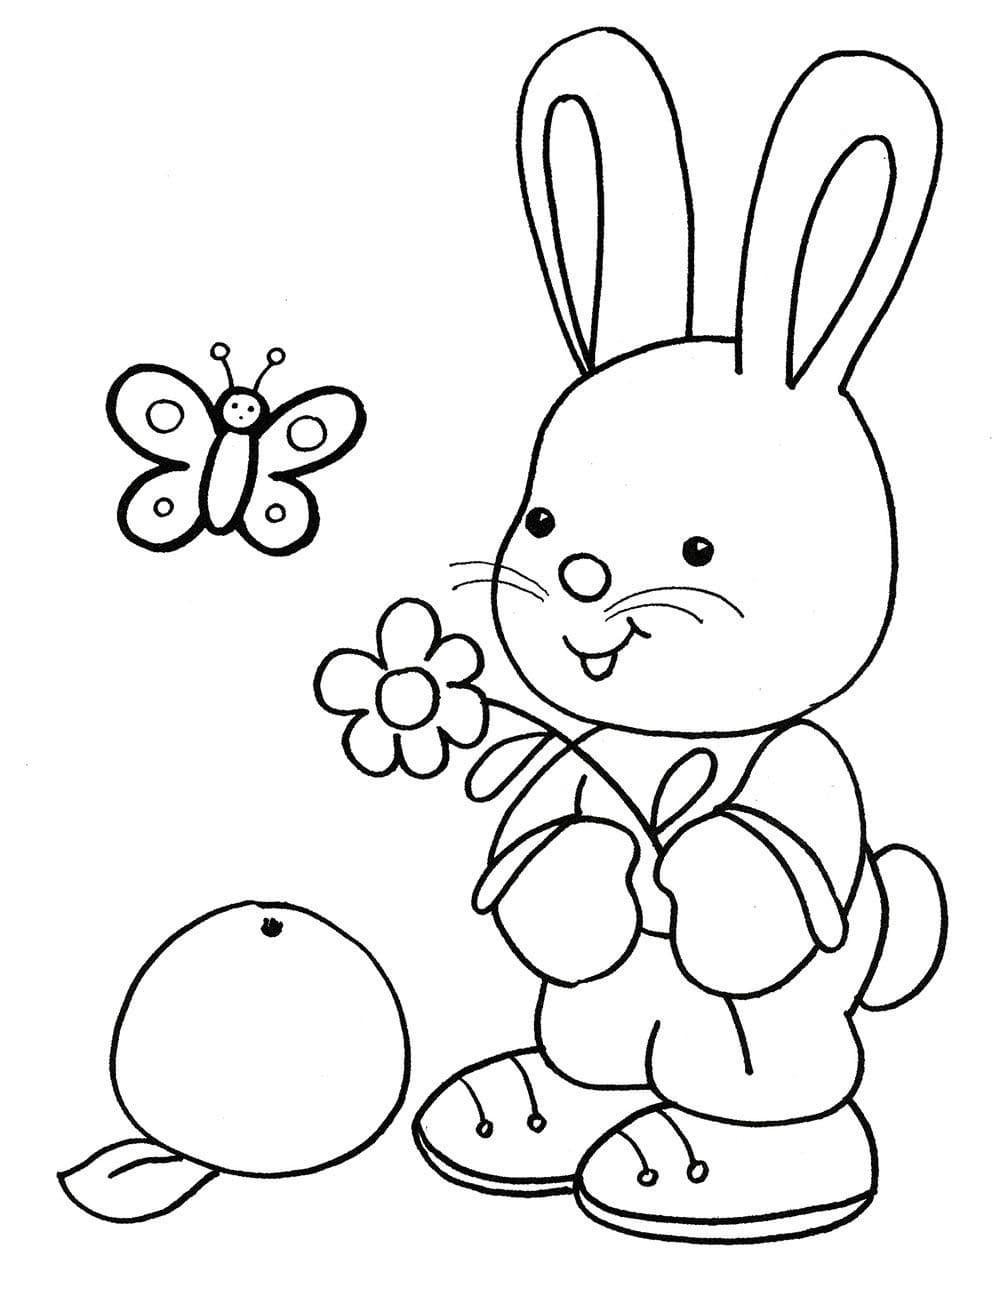 Coloriage Pour Les Enfants De 5 Ans. Imprimer Gratuitement tout Coloriage Gratuit À Imprimer Pour Fille